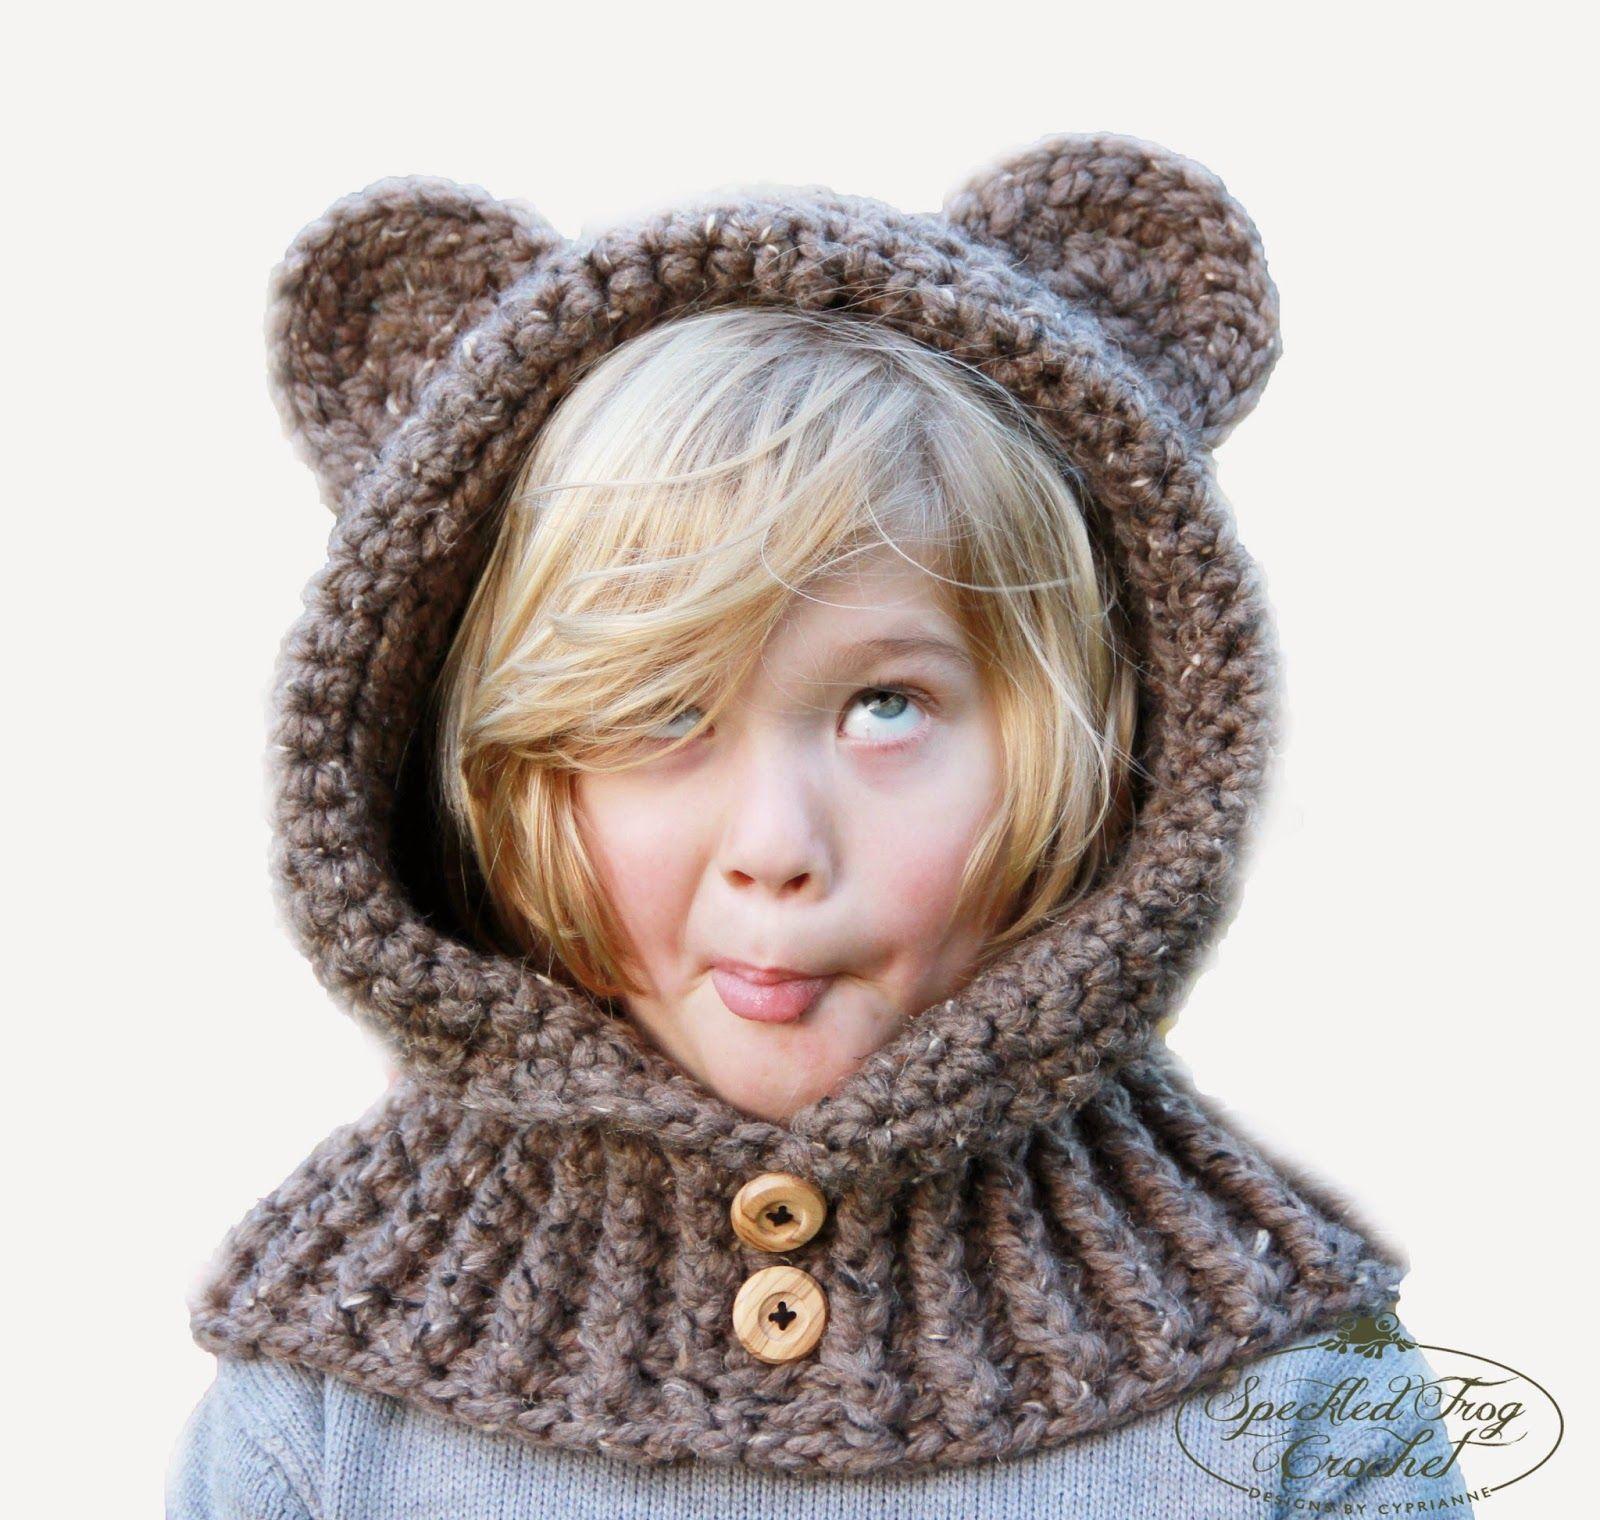 Speckled Frog Crochet Crochet Hooded Bear Cowl Pattern Children